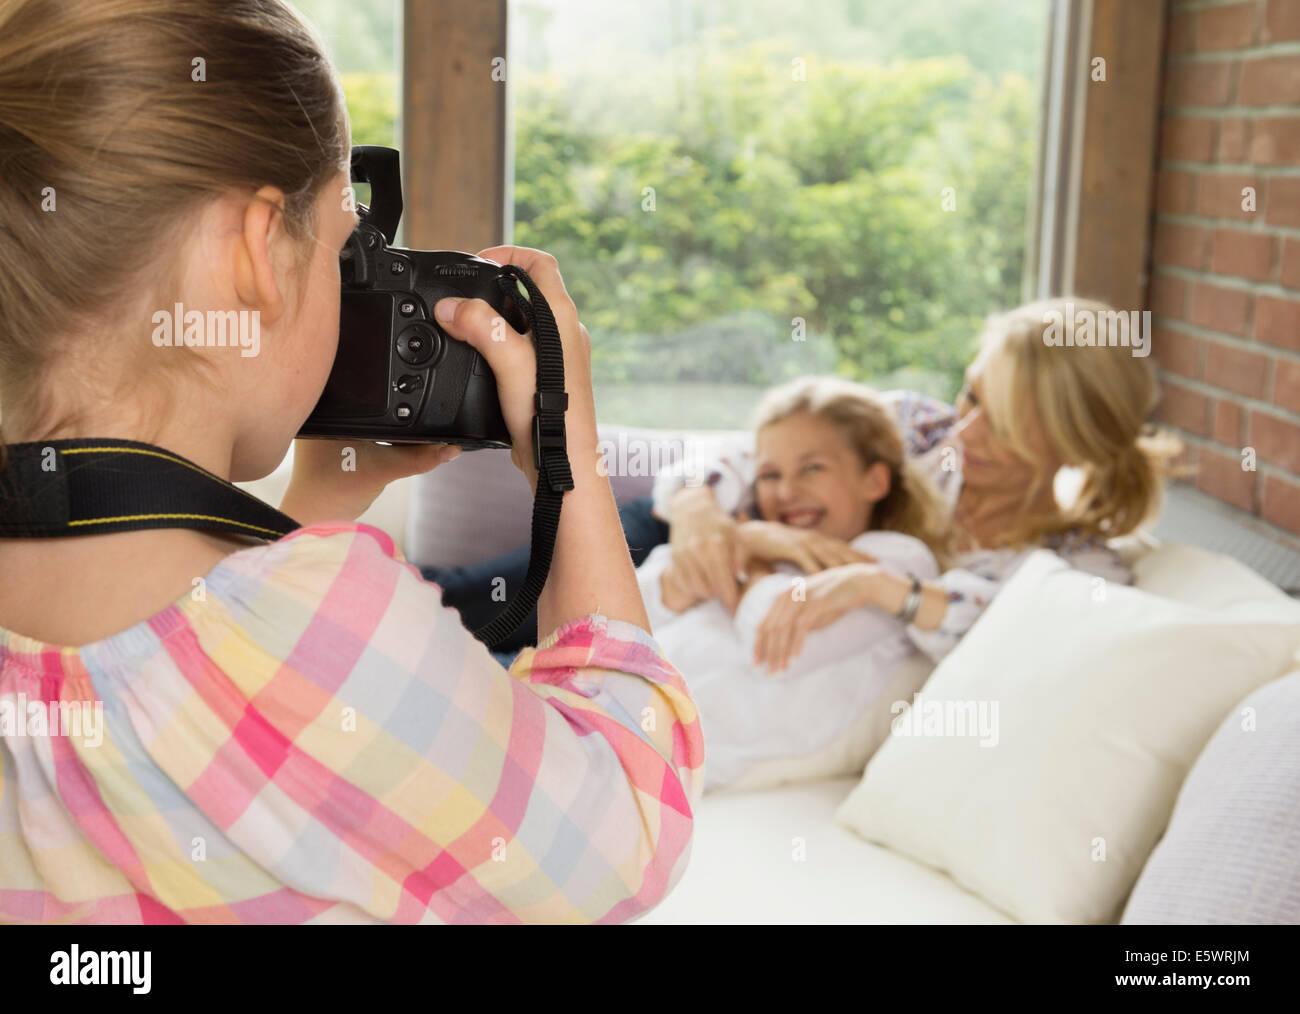 Hija de tomar fotografía de madre y hermana Foto de stock